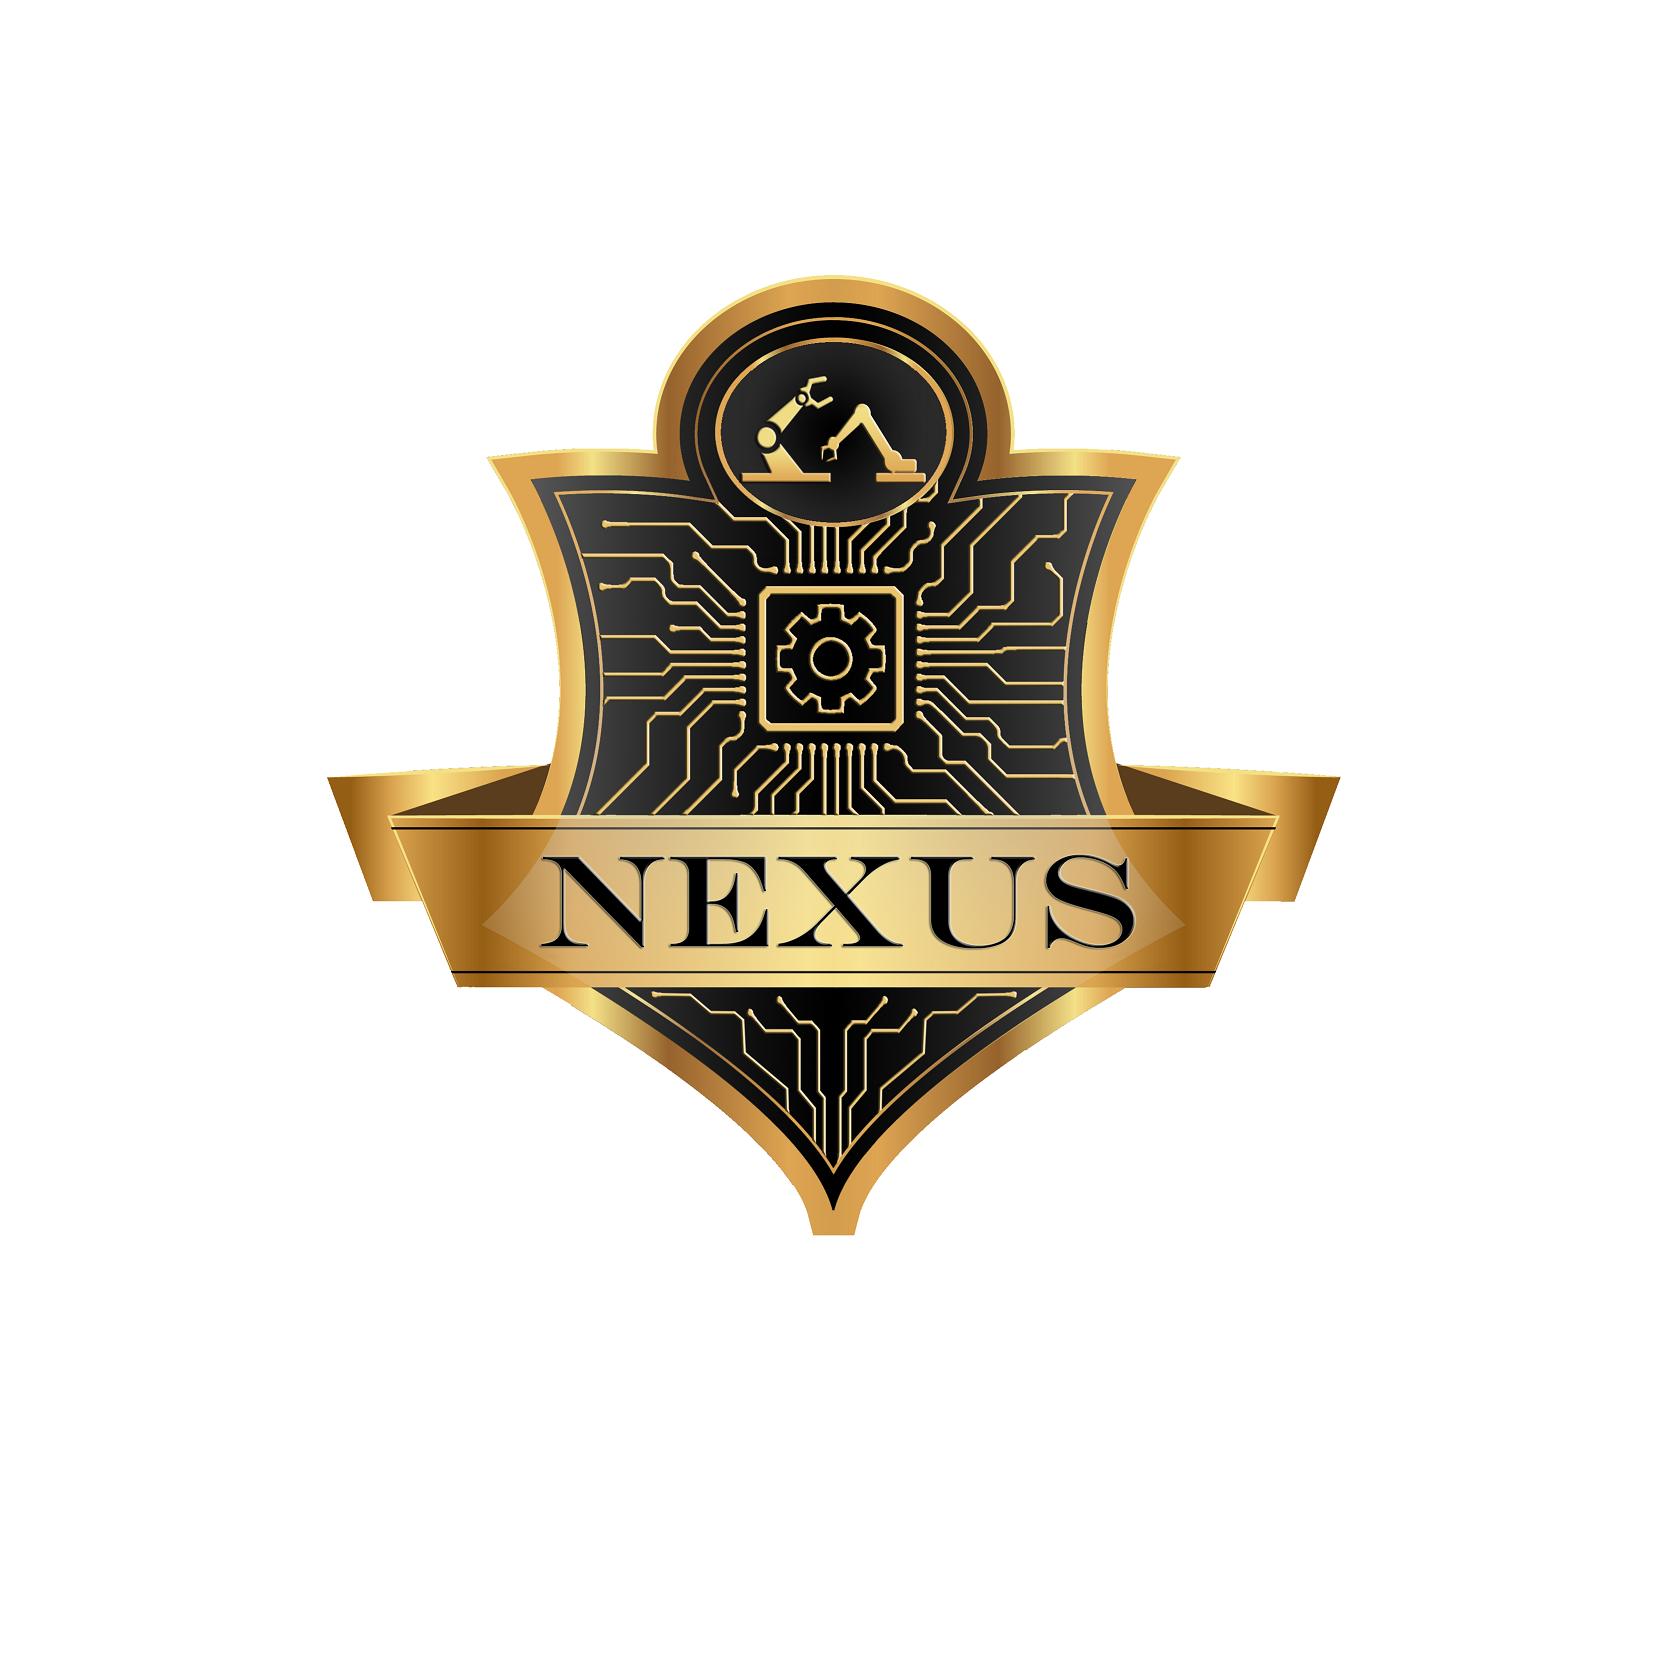 NEXUS 2K19